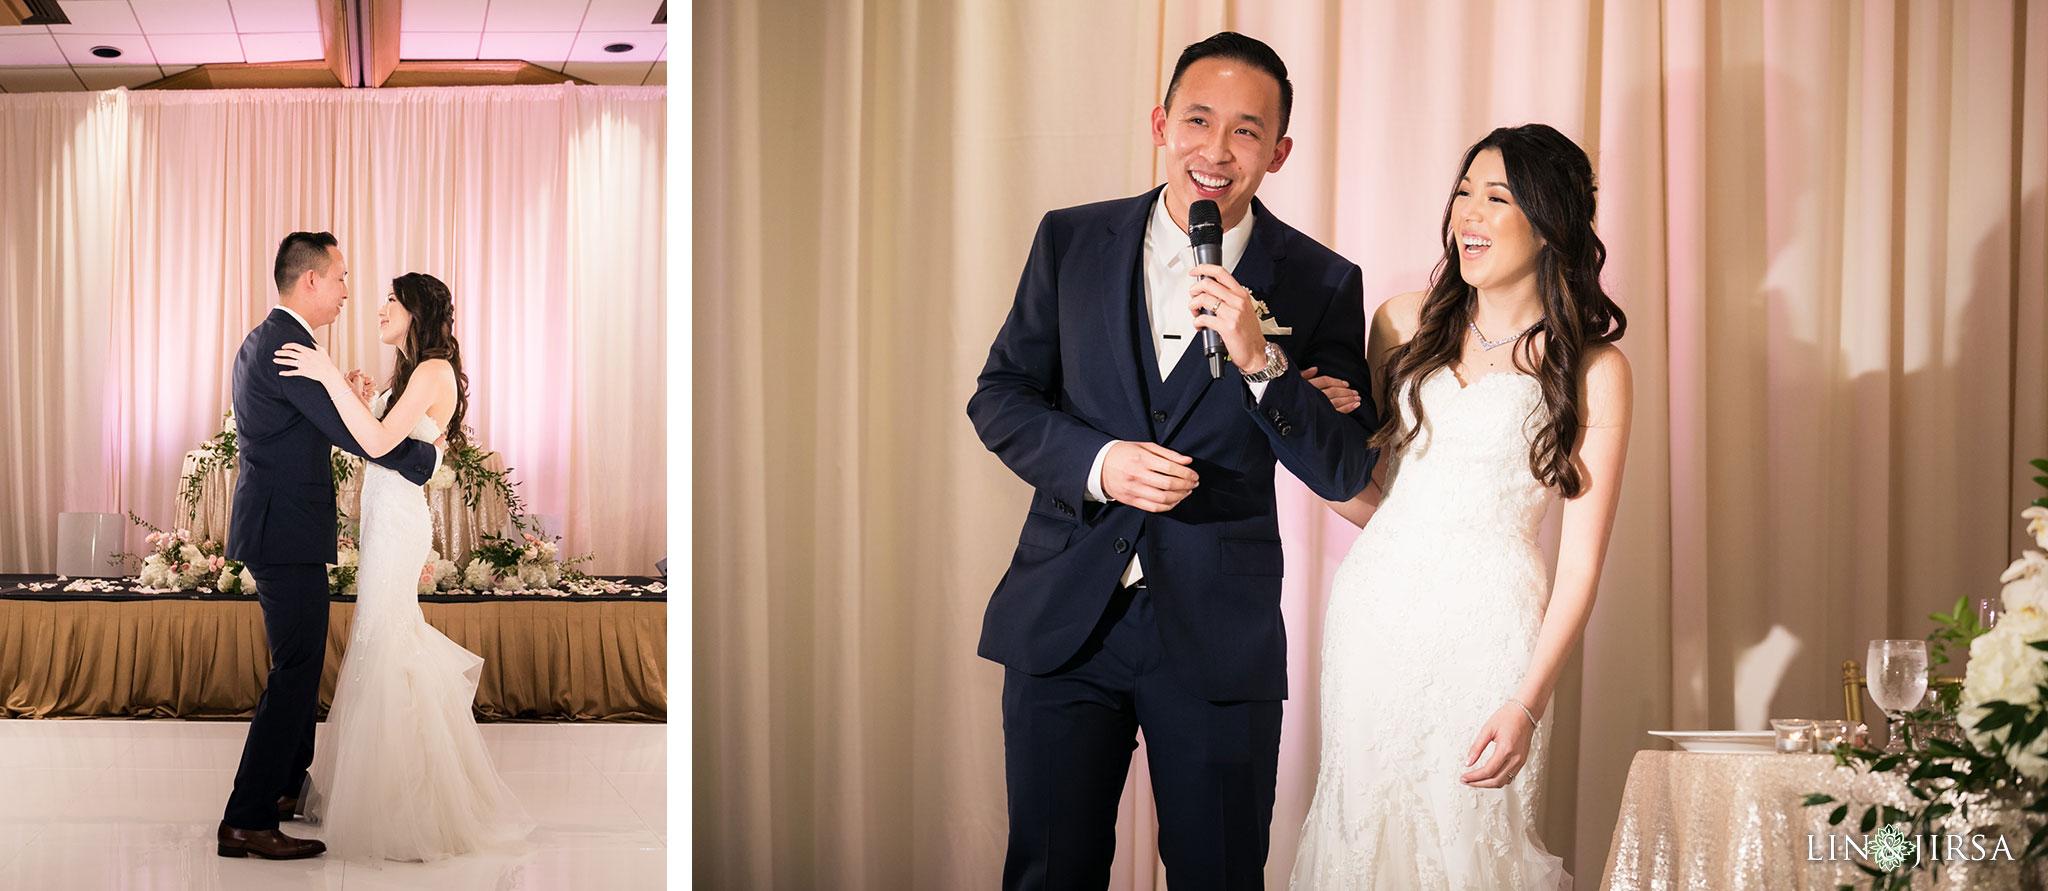 35 hilton costa mesa wedding reception photography